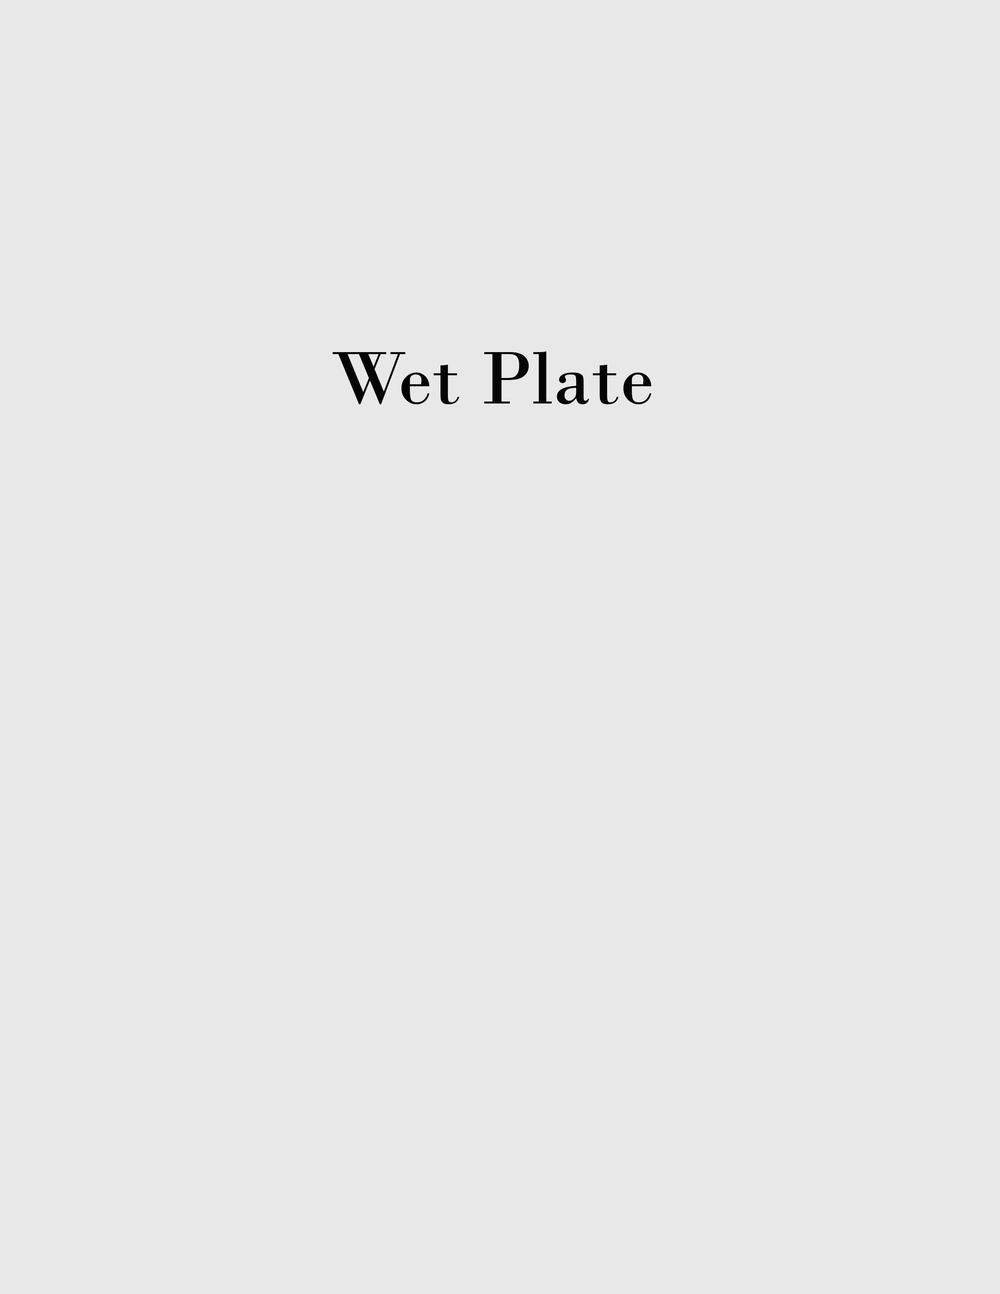 wert plate 2.jpg